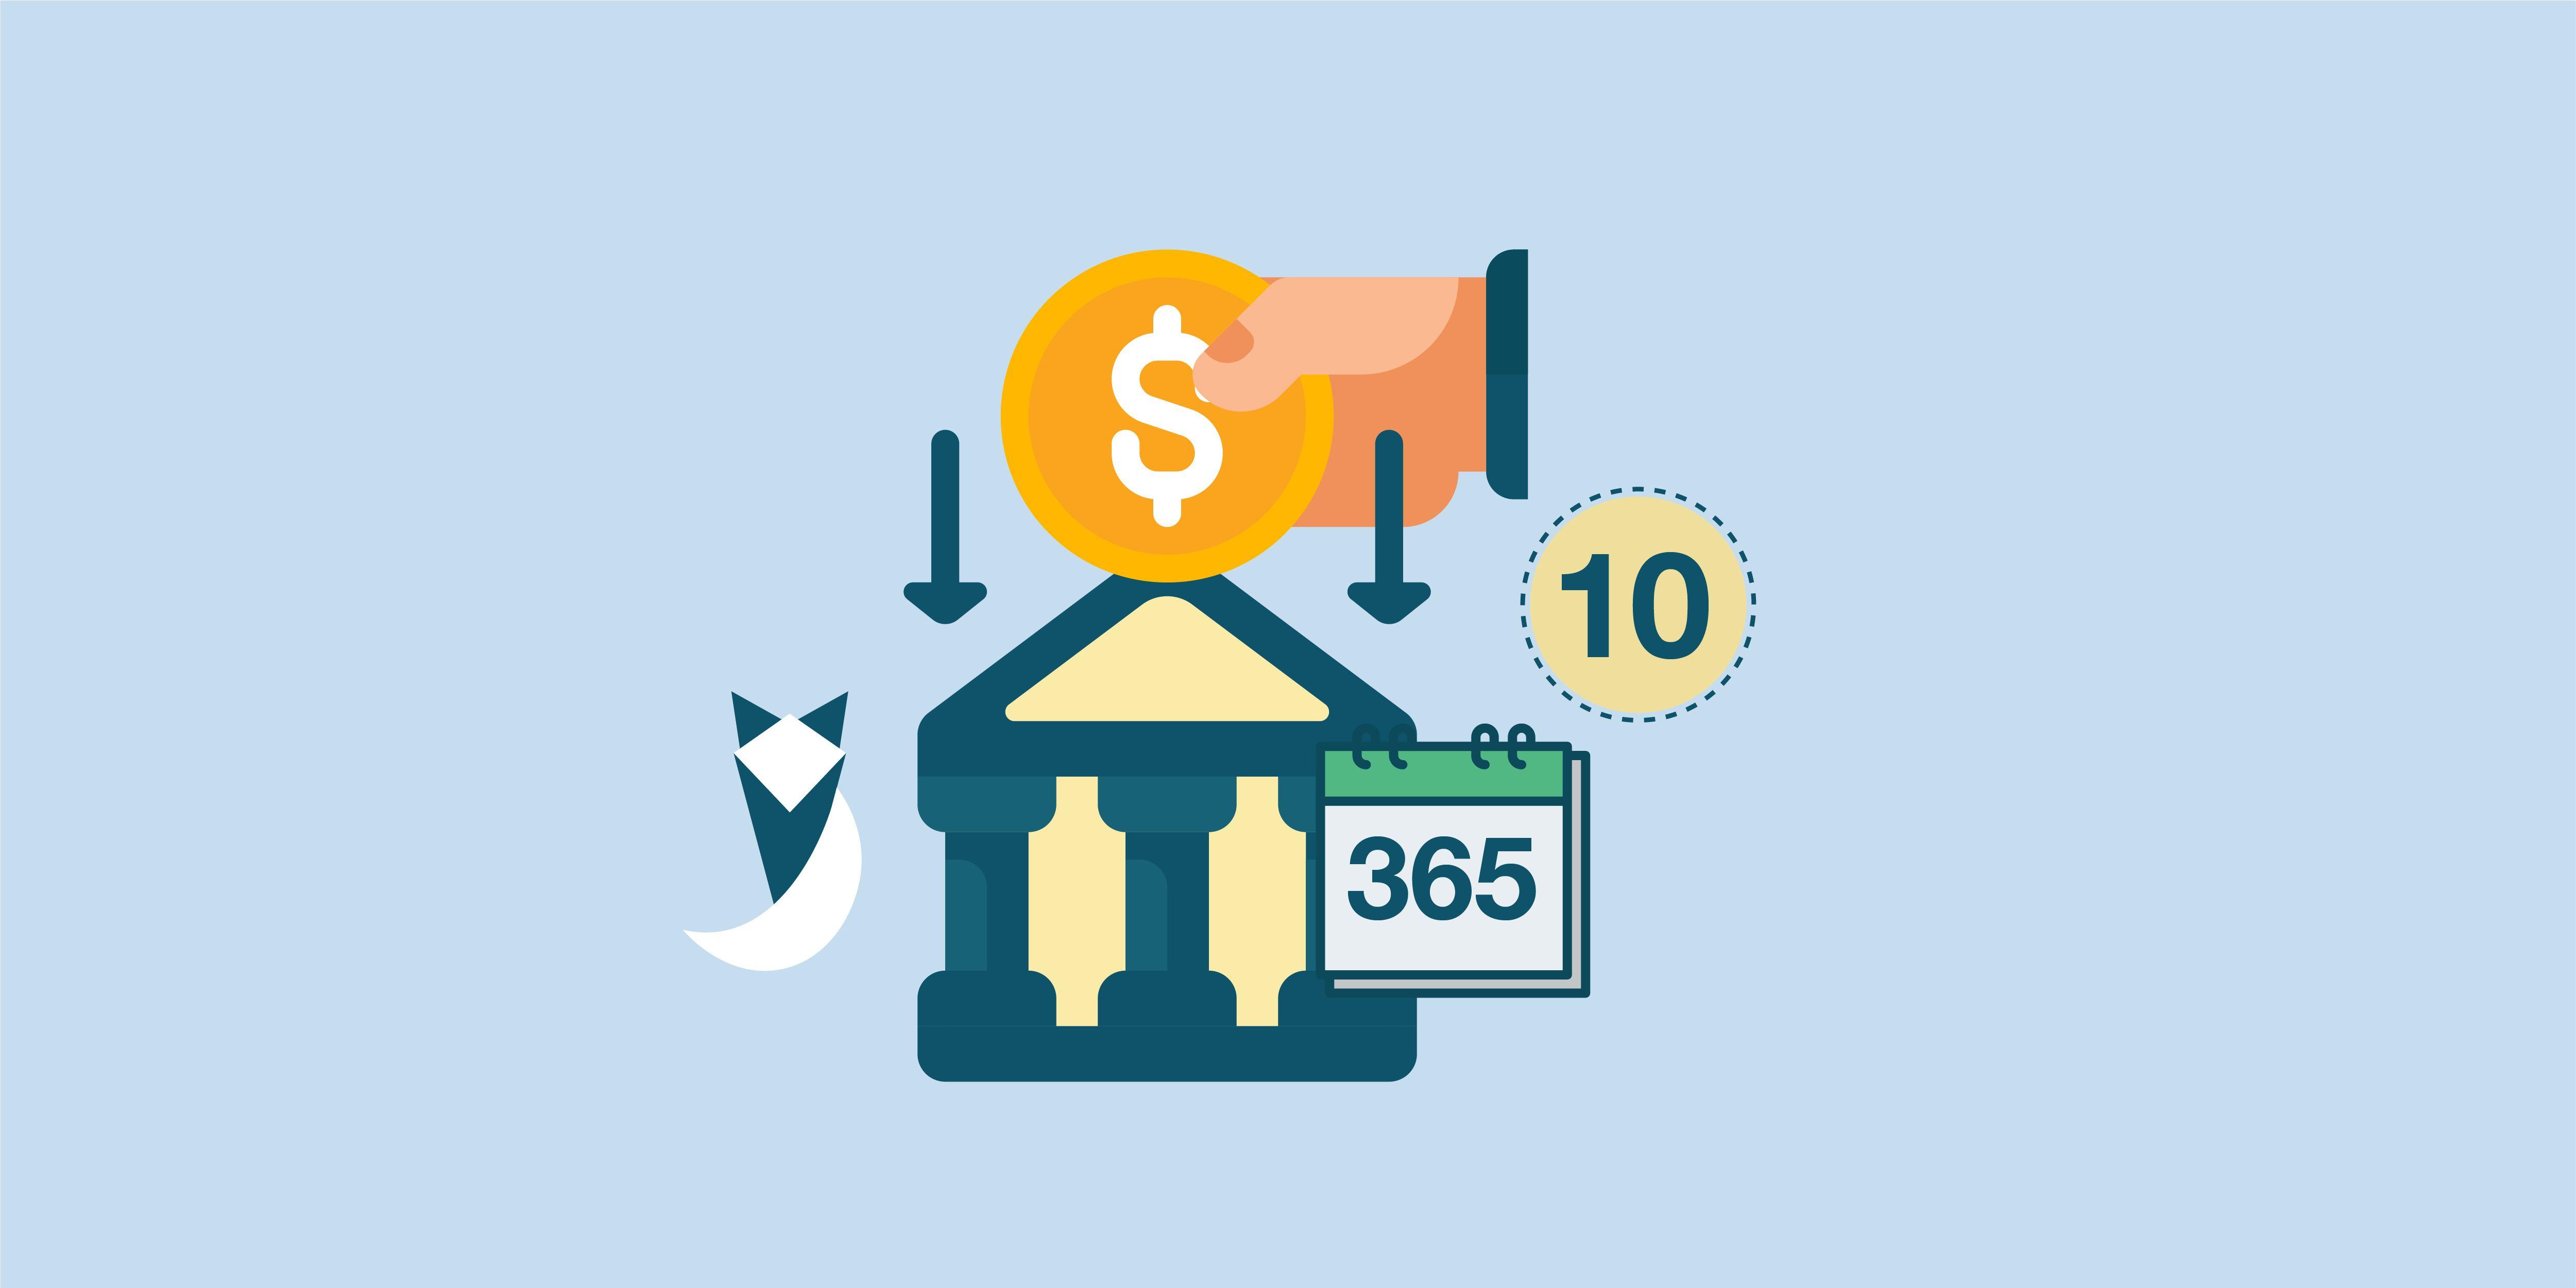 أعلى 9 ودايع سنوية في البنوك المصرية لشهر أكتوبر 2021